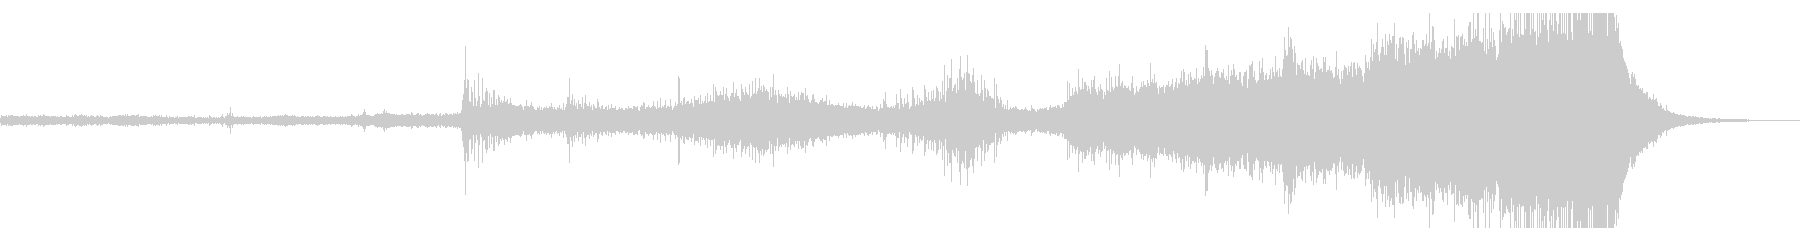 不吉な予兆を駆り立たせるエスニック風音楽の未再生の波形